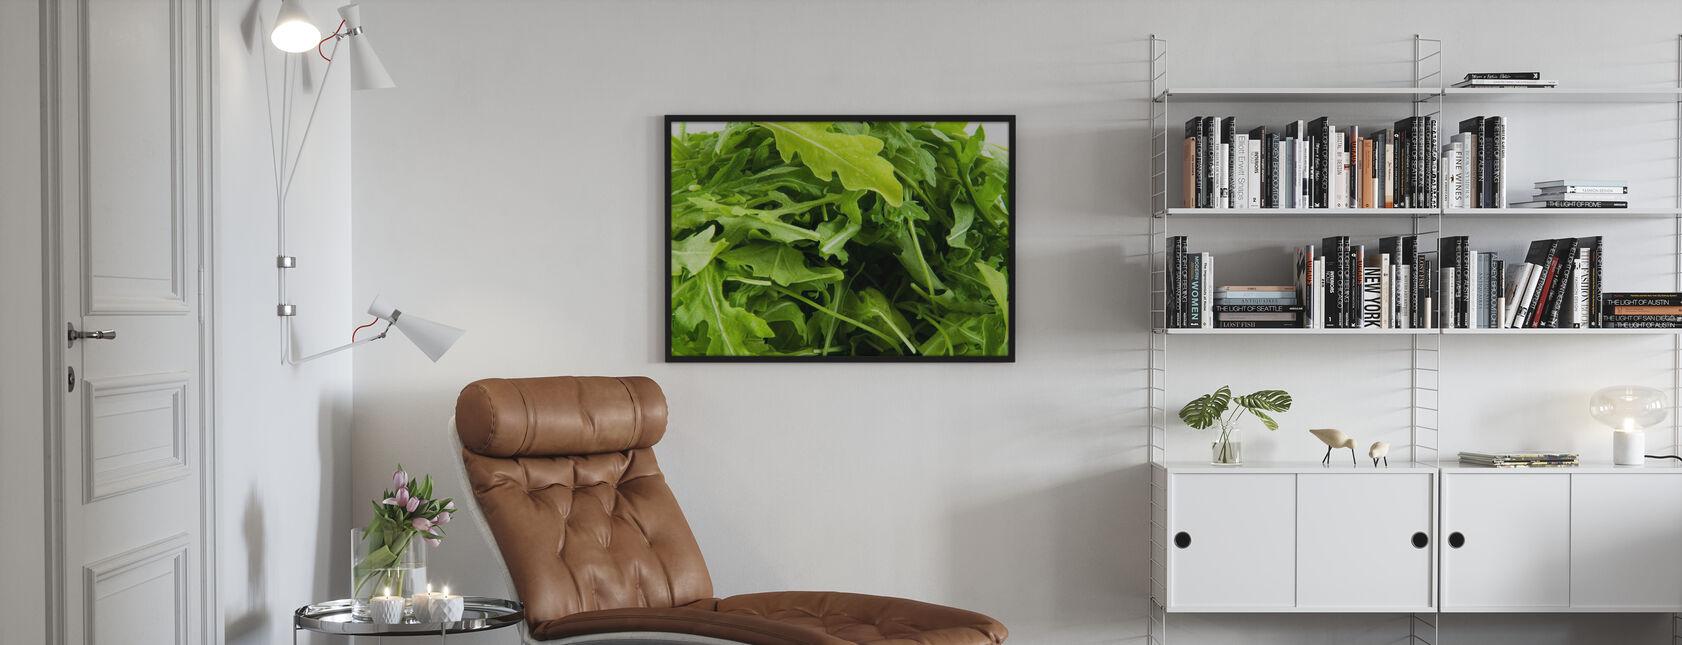 Ruccola frais - Impression encadree - Salle à manger